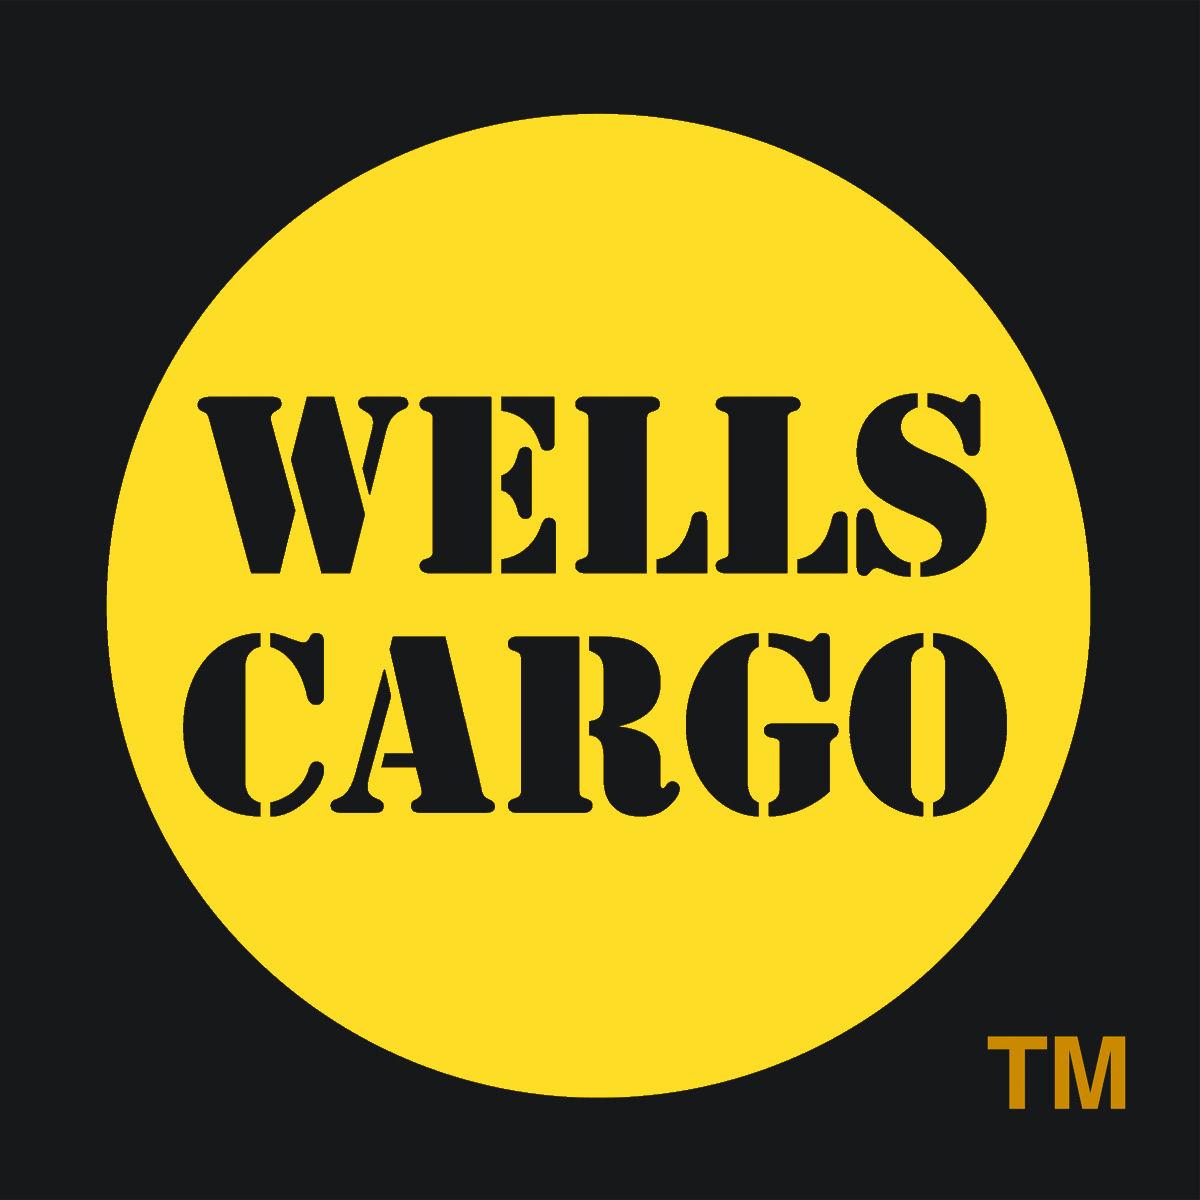 Wells Cargo